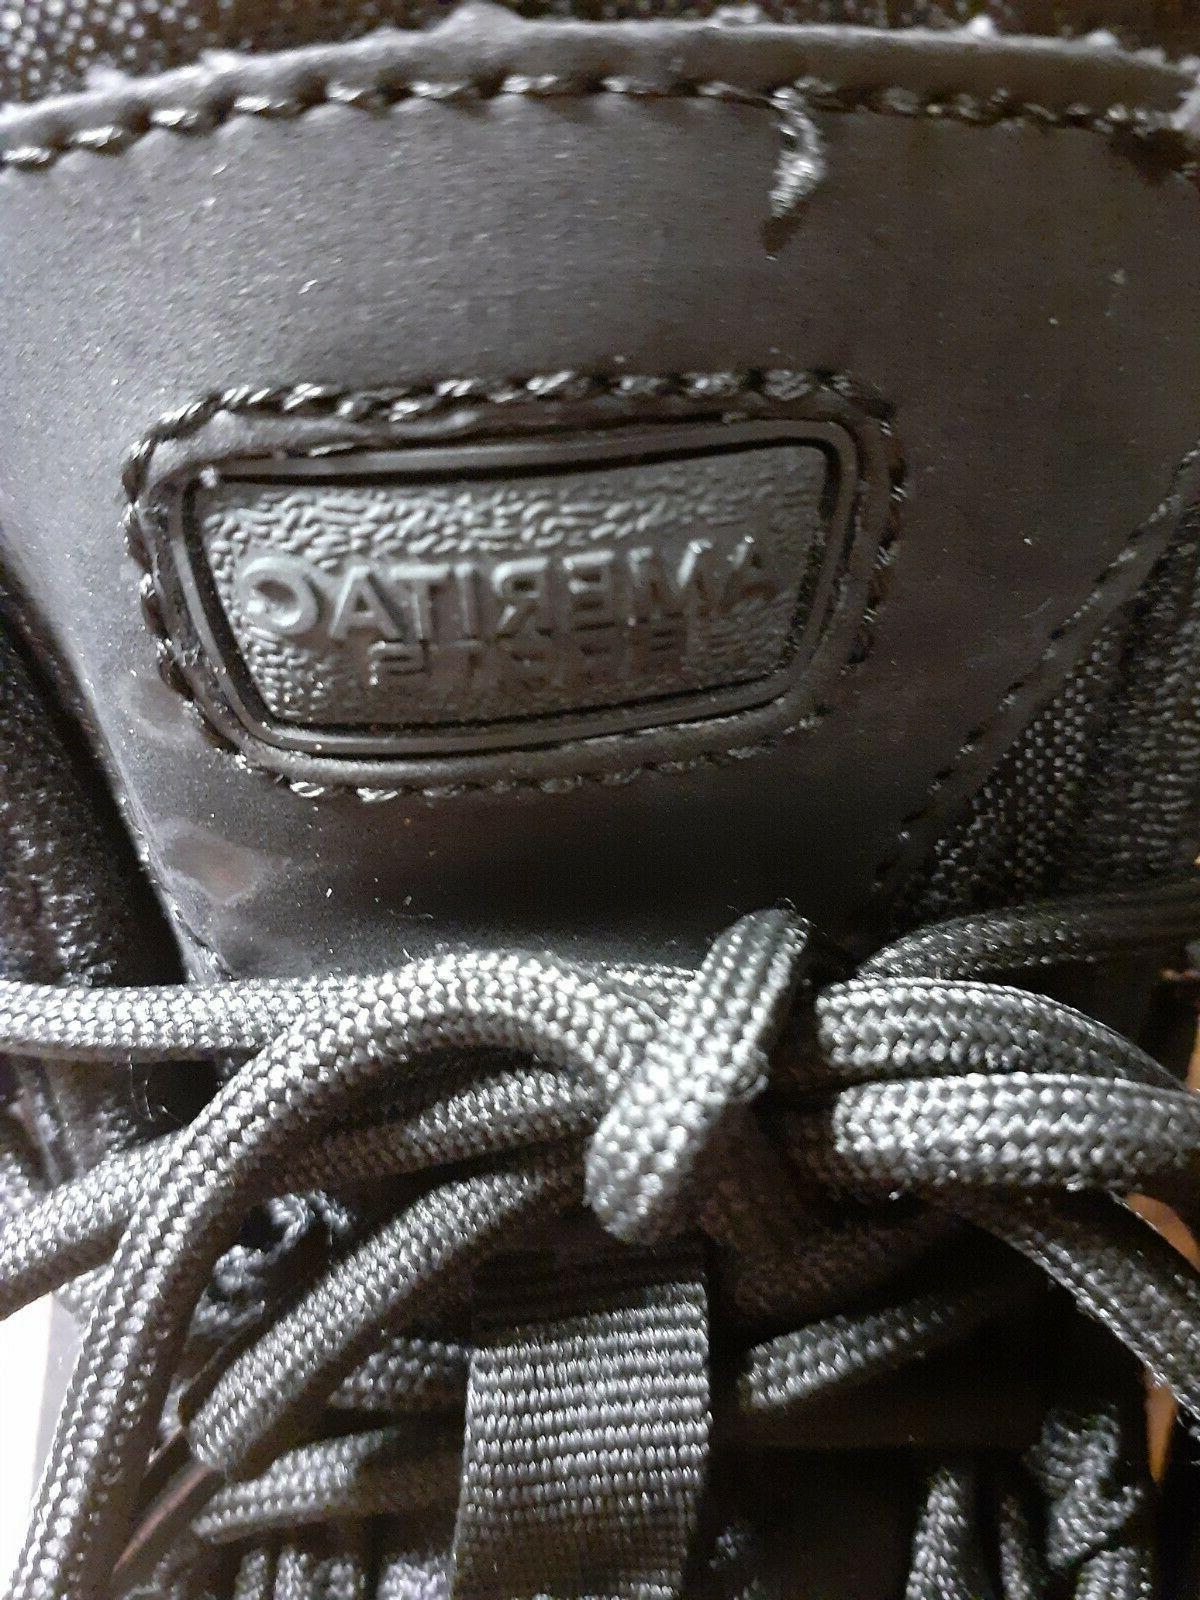 Ameritac Men's boots work Outdoor Tactical black